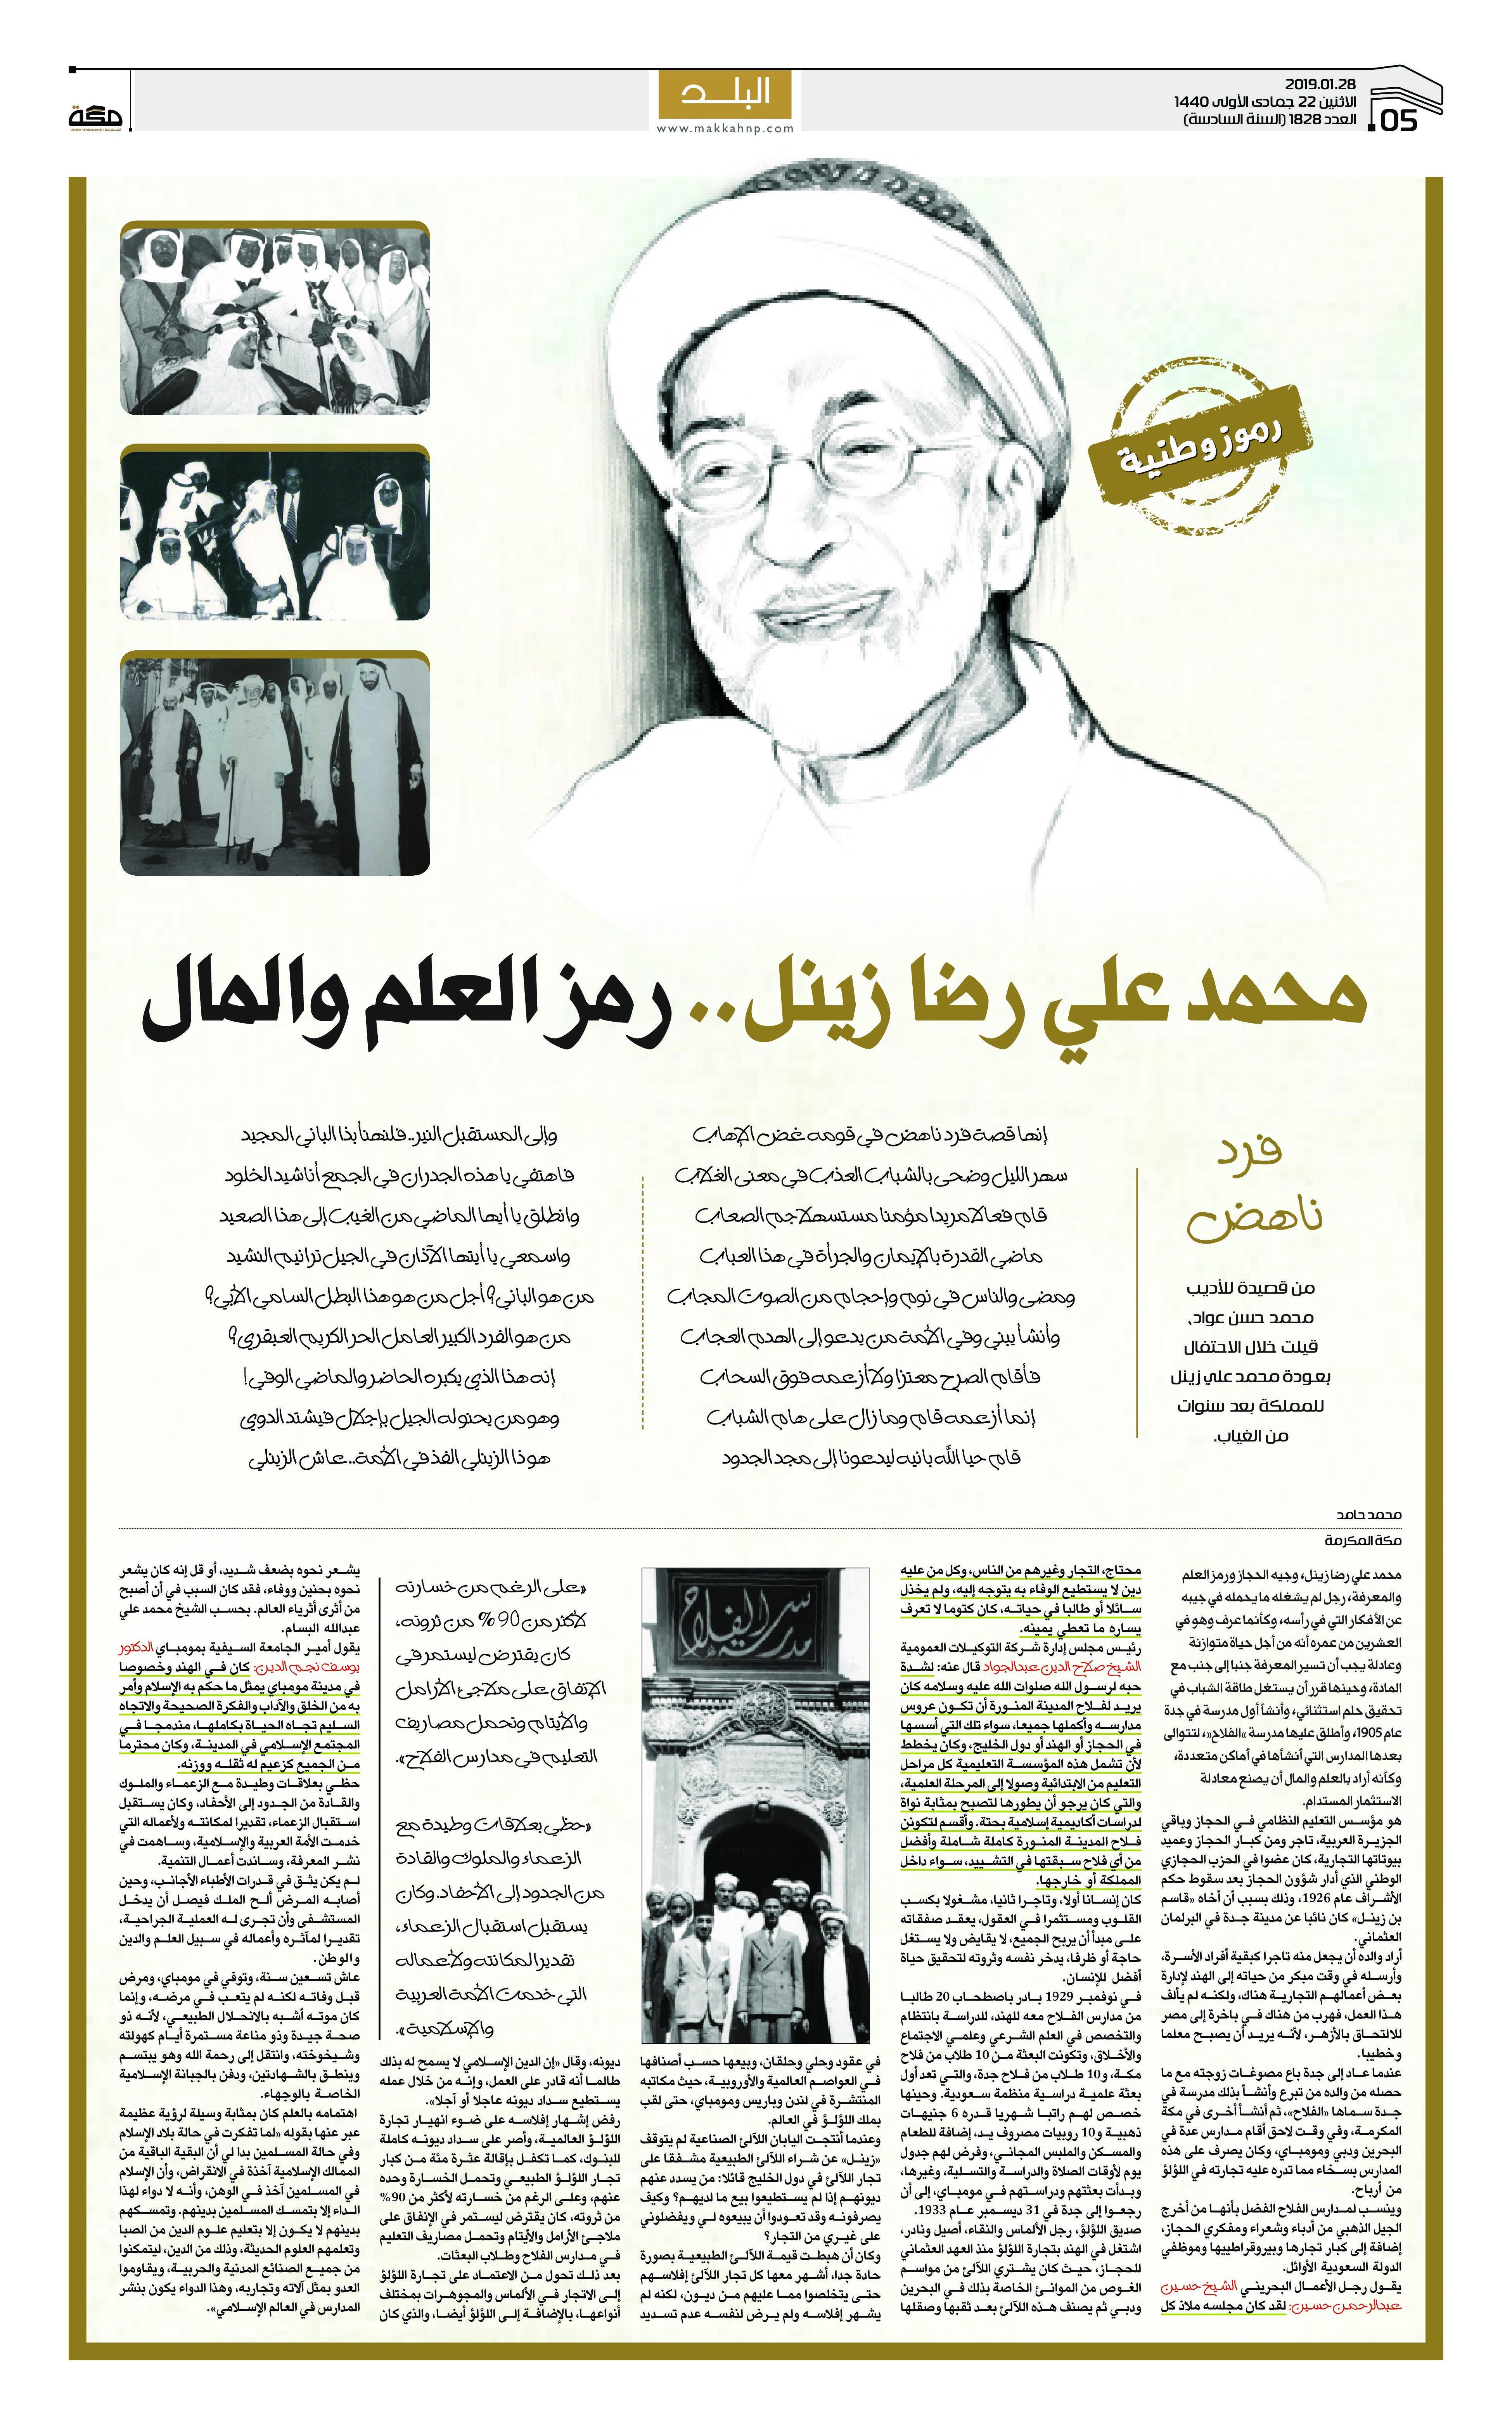 محمد علي رضا زينل رمز العلم والمال صحيفةـمكة انفوجرافيك تحقيقات Infographic Historical Figures Poster